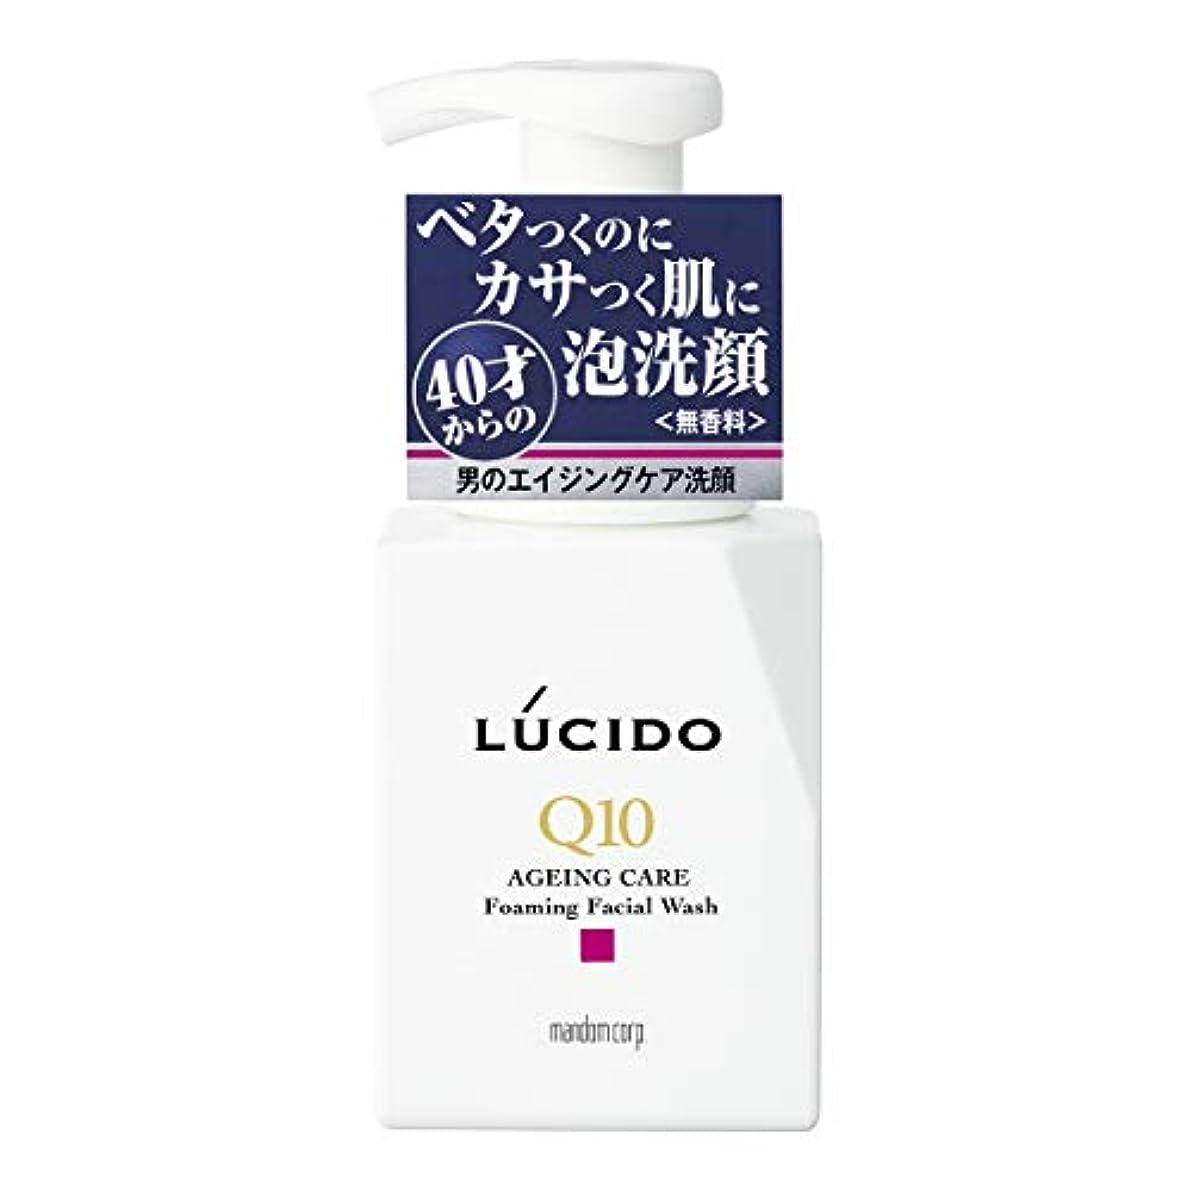 ベーカリー症候群LUCIDO(ルシード) トータルケア泡洗顔 Q10 150mL